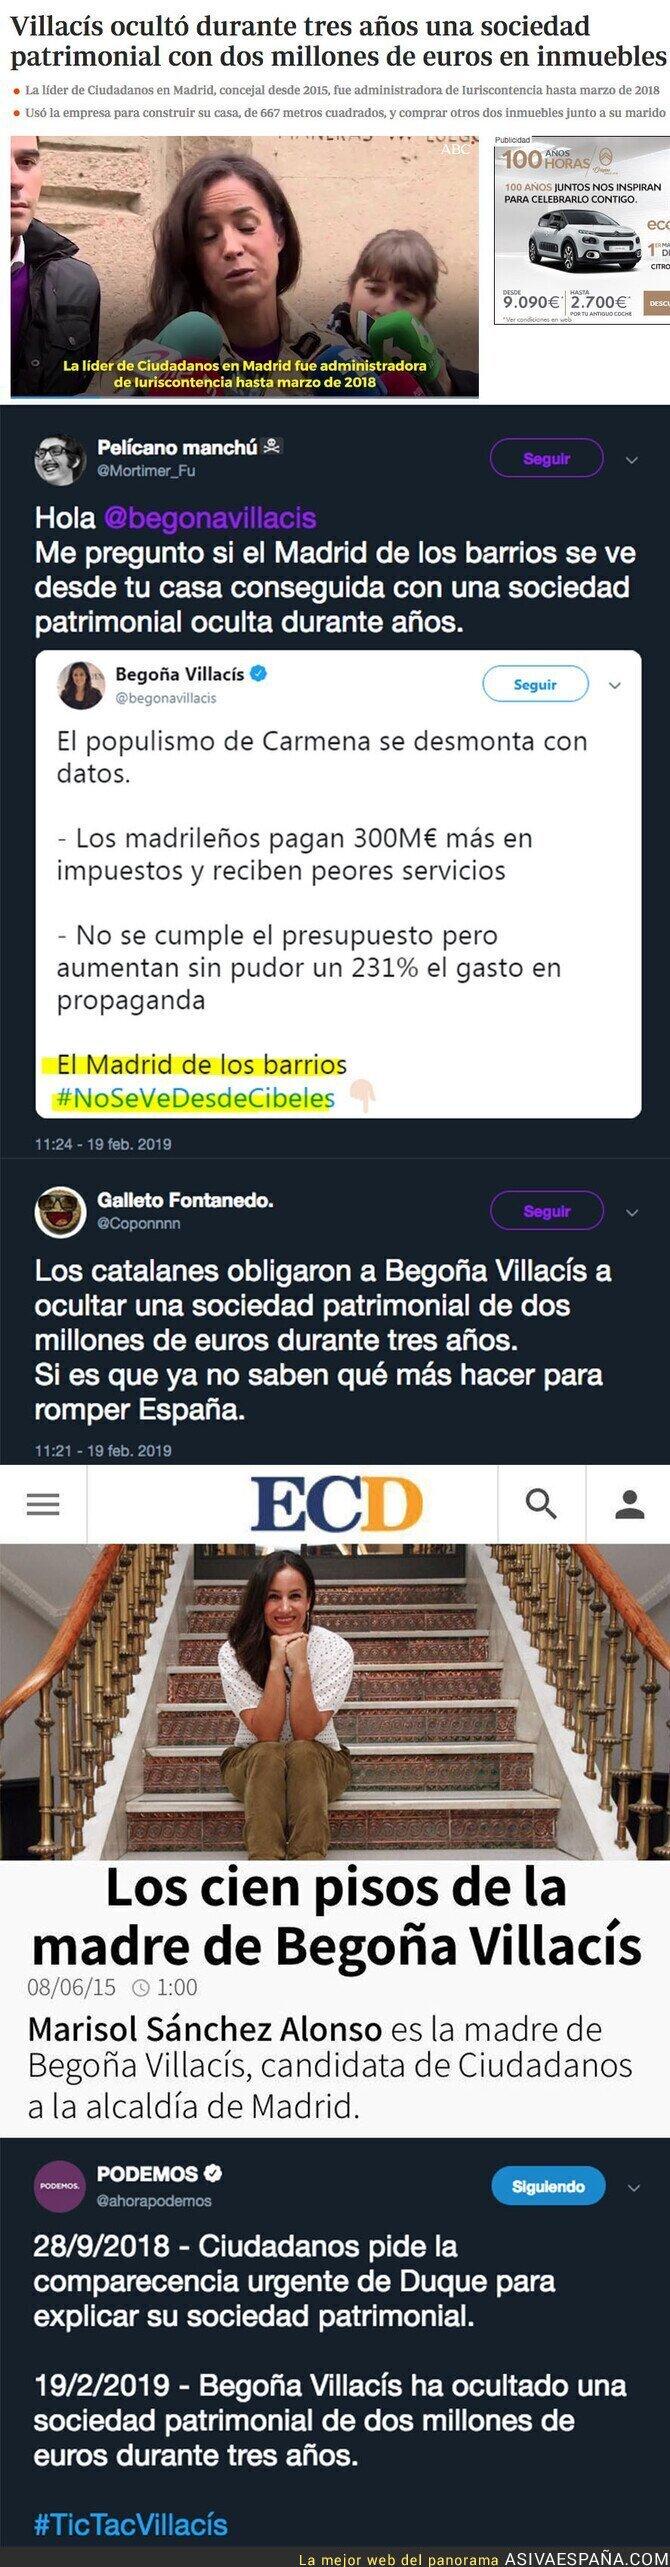 104837 - El gran escándalo de Begoña Villacís del que no te informará Antena 3 ni Telecinco sobre sus bienes de inmuebles